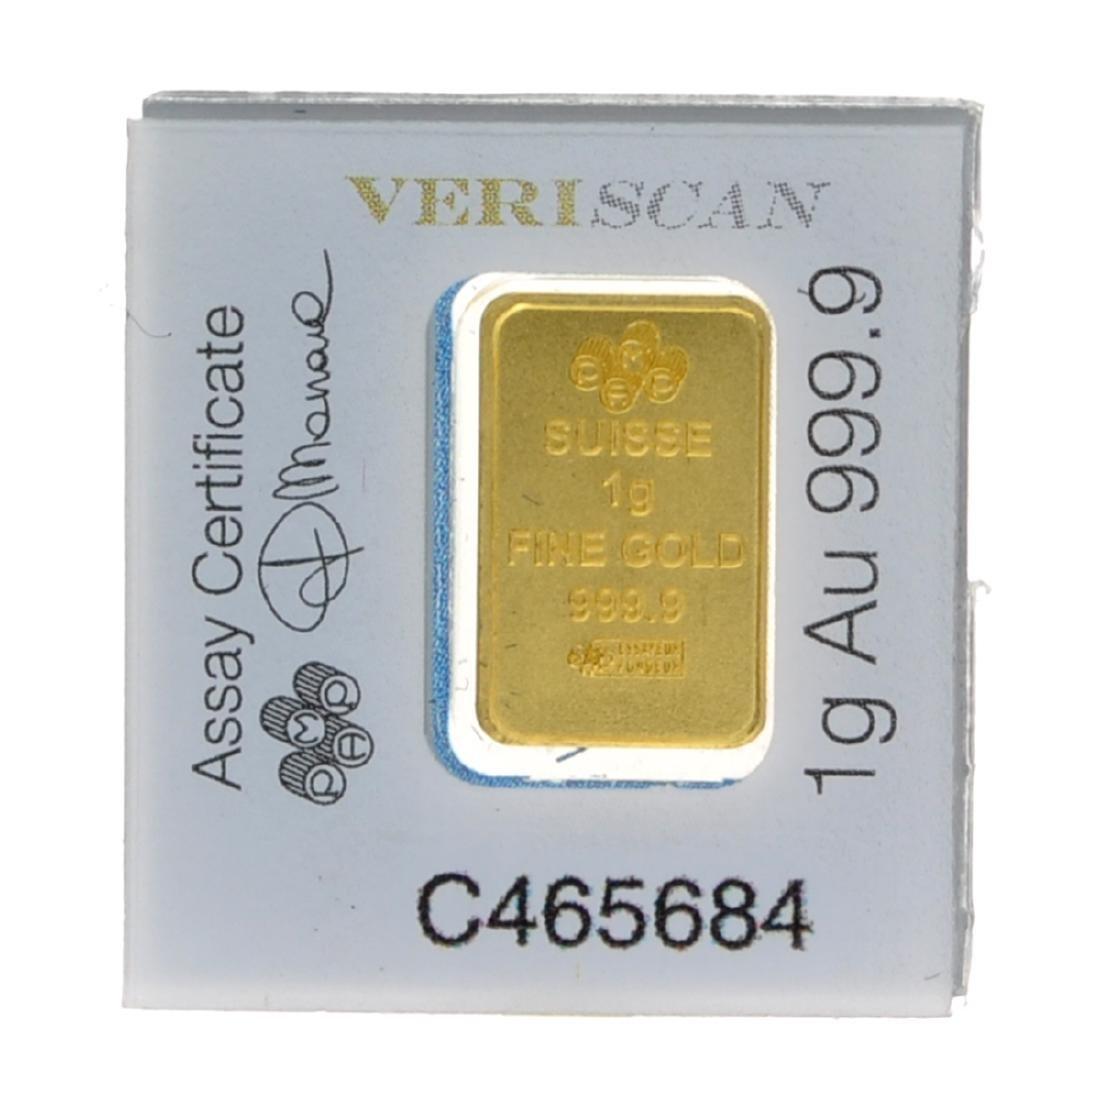 1 Gram .9999 PAMP Suisse - Snap Bar - Gold Bar - 2